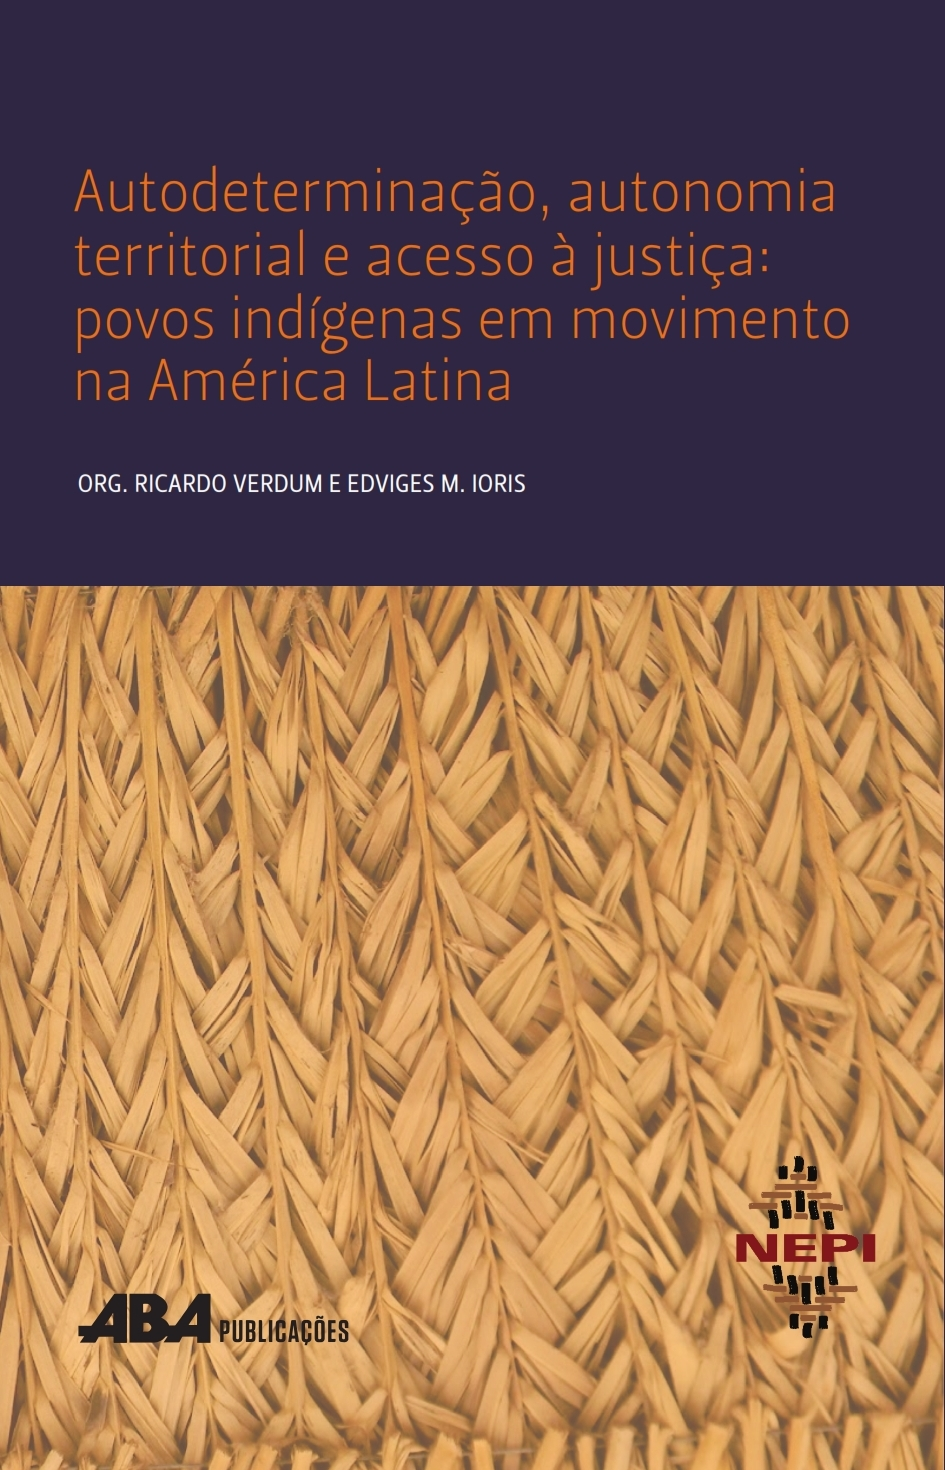 Las memorias mapuche del 'regreso': de los contextos de violencia y los desplazamientos impuestos a la poética de la reestructuración